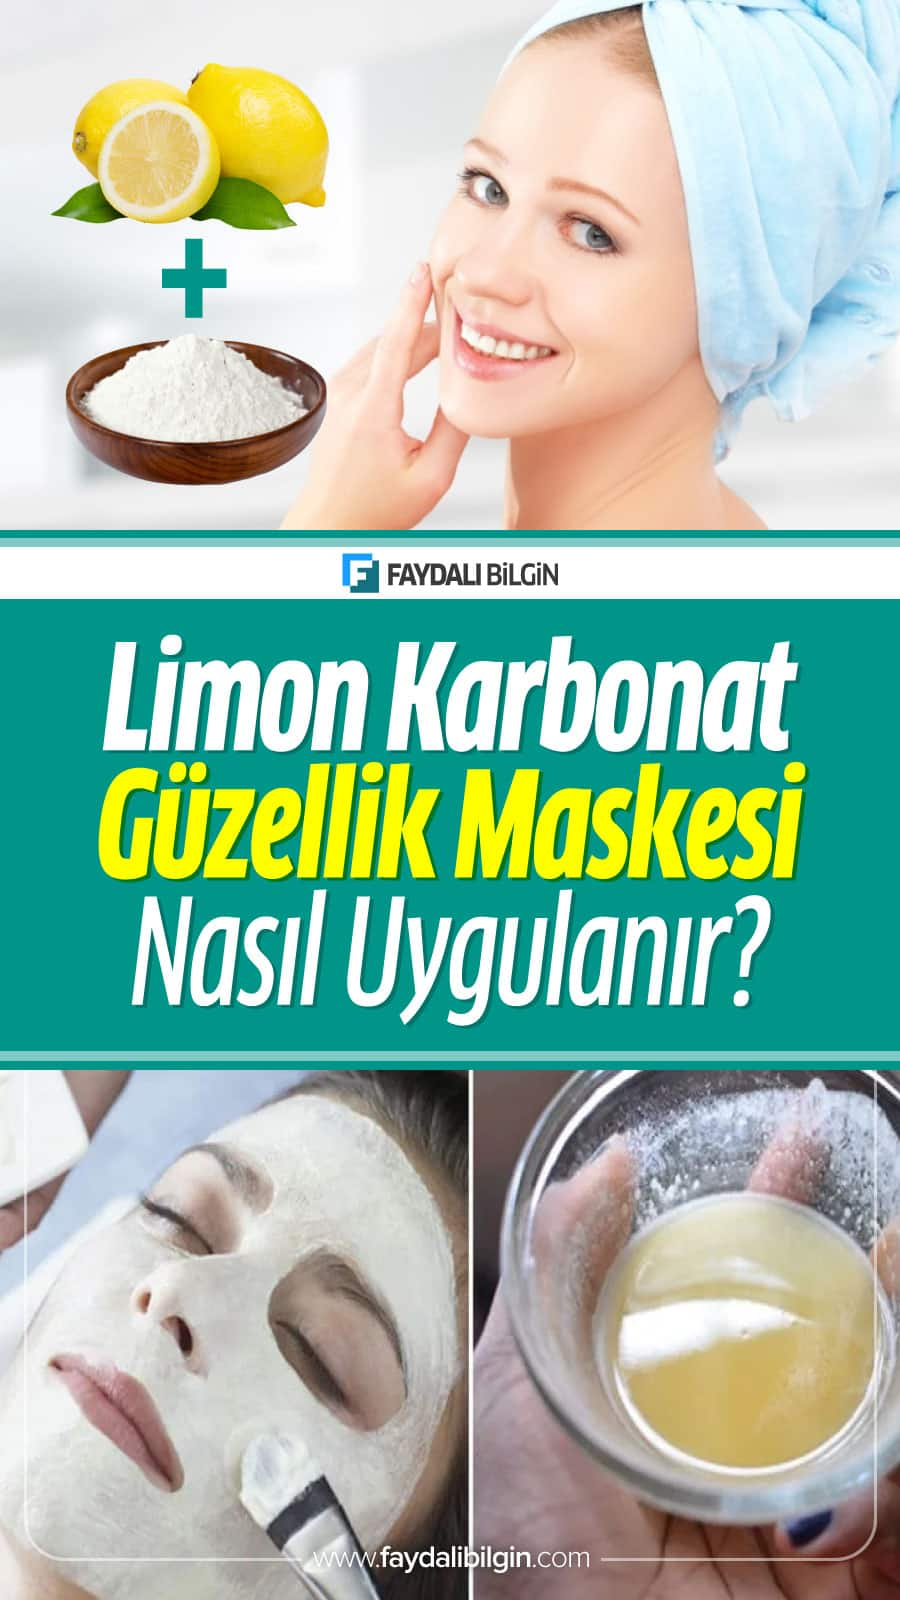 Limon karbonat maskesi ciltteki ölü derilerin atılmasına, cildin temizlenmesine ve cilt problemlerin tedavisinde tercih ediliyor. #limon #karbonat #güzellik #maske #ciltbakımı #kadın